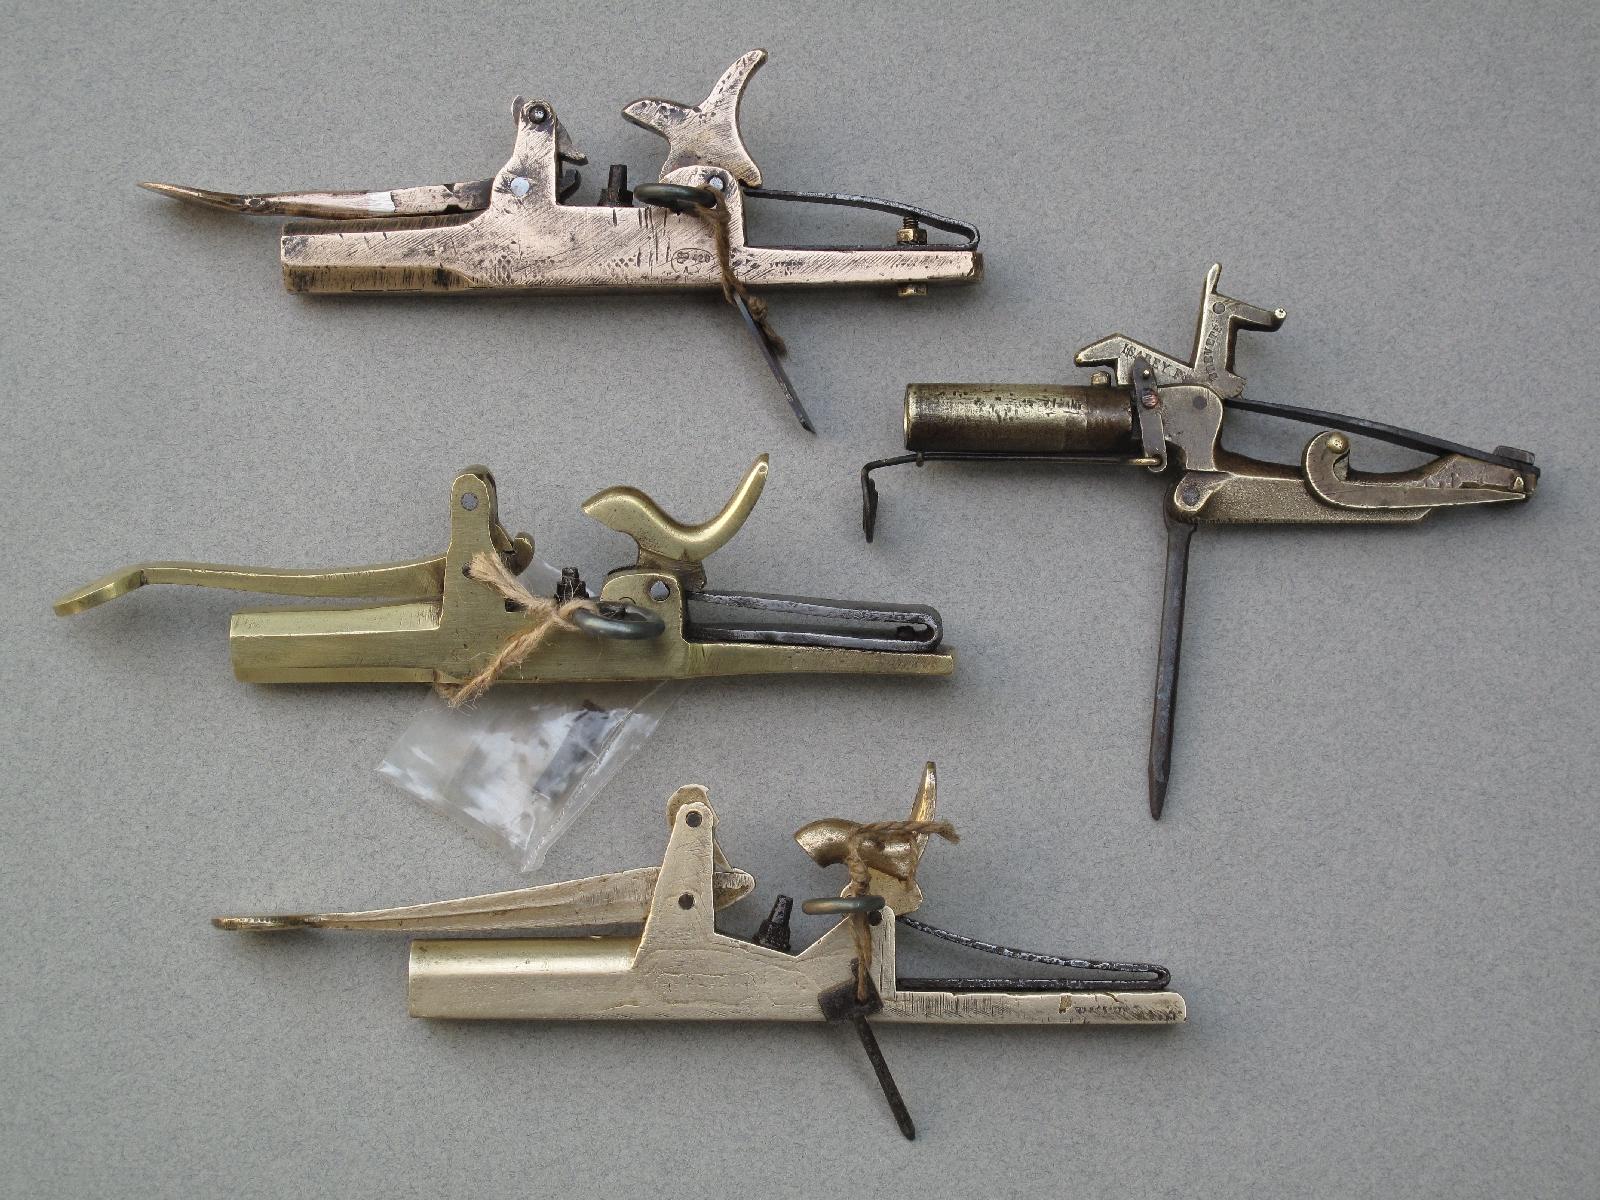 Petite collection de pistolets à taupes en bronze, de calibre 8 et 10 mm. Celui qui figure à droite se démarque par son marquage « ISABEY F. Breveté » et par le fait que son mécanisme intègre toutes les commandes nécessaires pour l'actionner, contrairement aux autres modèles qui disposent d'une goupille de sûreté et d'une barrette de déclenchement séparées.